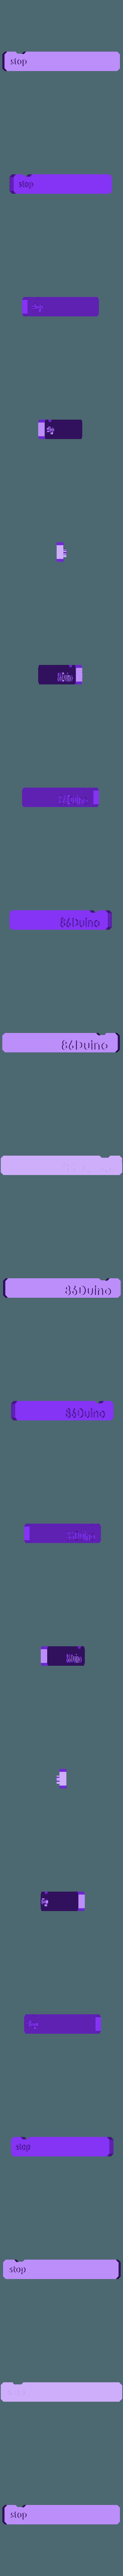 86Scratch-10.STL Download free STL file 86Duino Scratch block • 3D print model, 86Duino